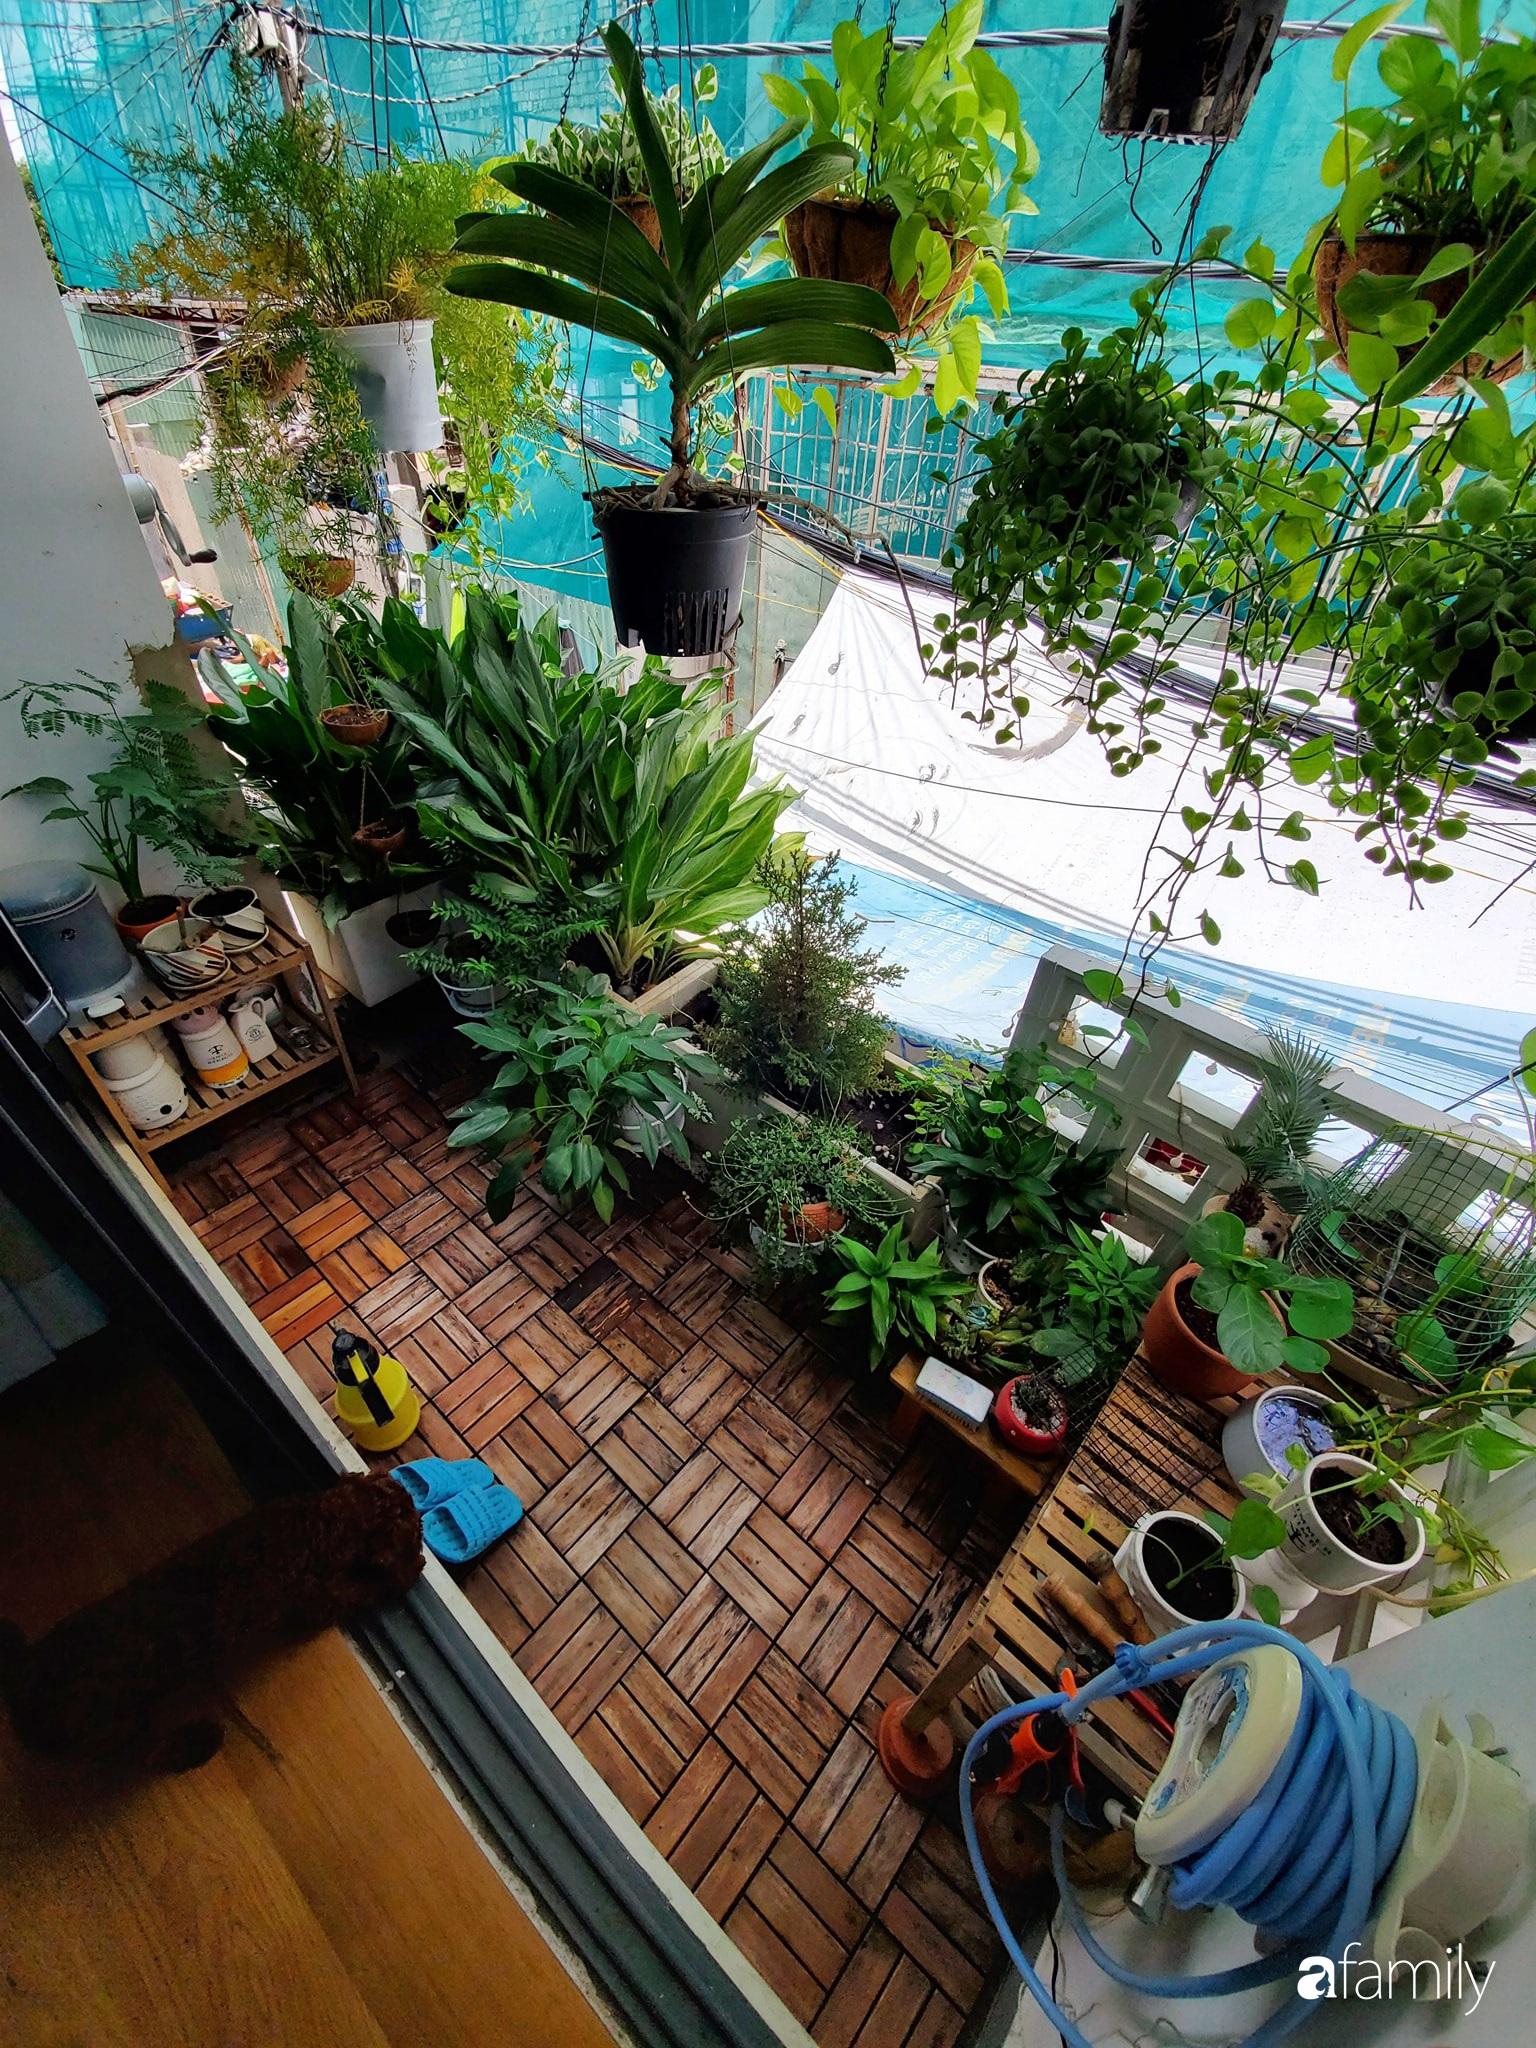 Cải tạo nhà phố 21m² trong ngõ nhỏ thành không gian xinh xắn, tiện nghi có chi phí hoàn thiện 700 triệu đồng ở Sài Gòn - Ảnh 28.